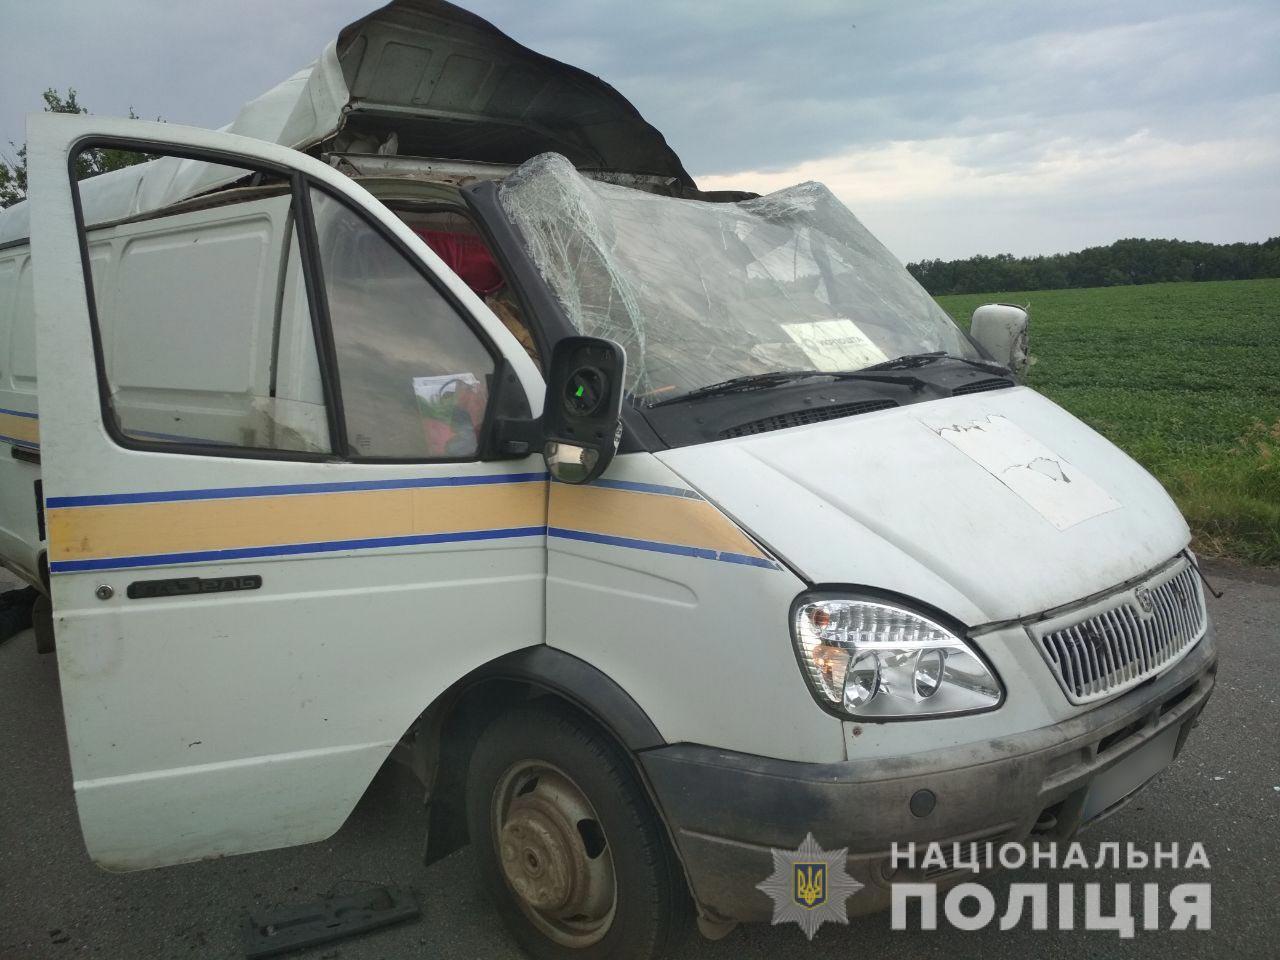 Невідомі підірвали авто «Укрпошти» й викрали пенсійні кошти